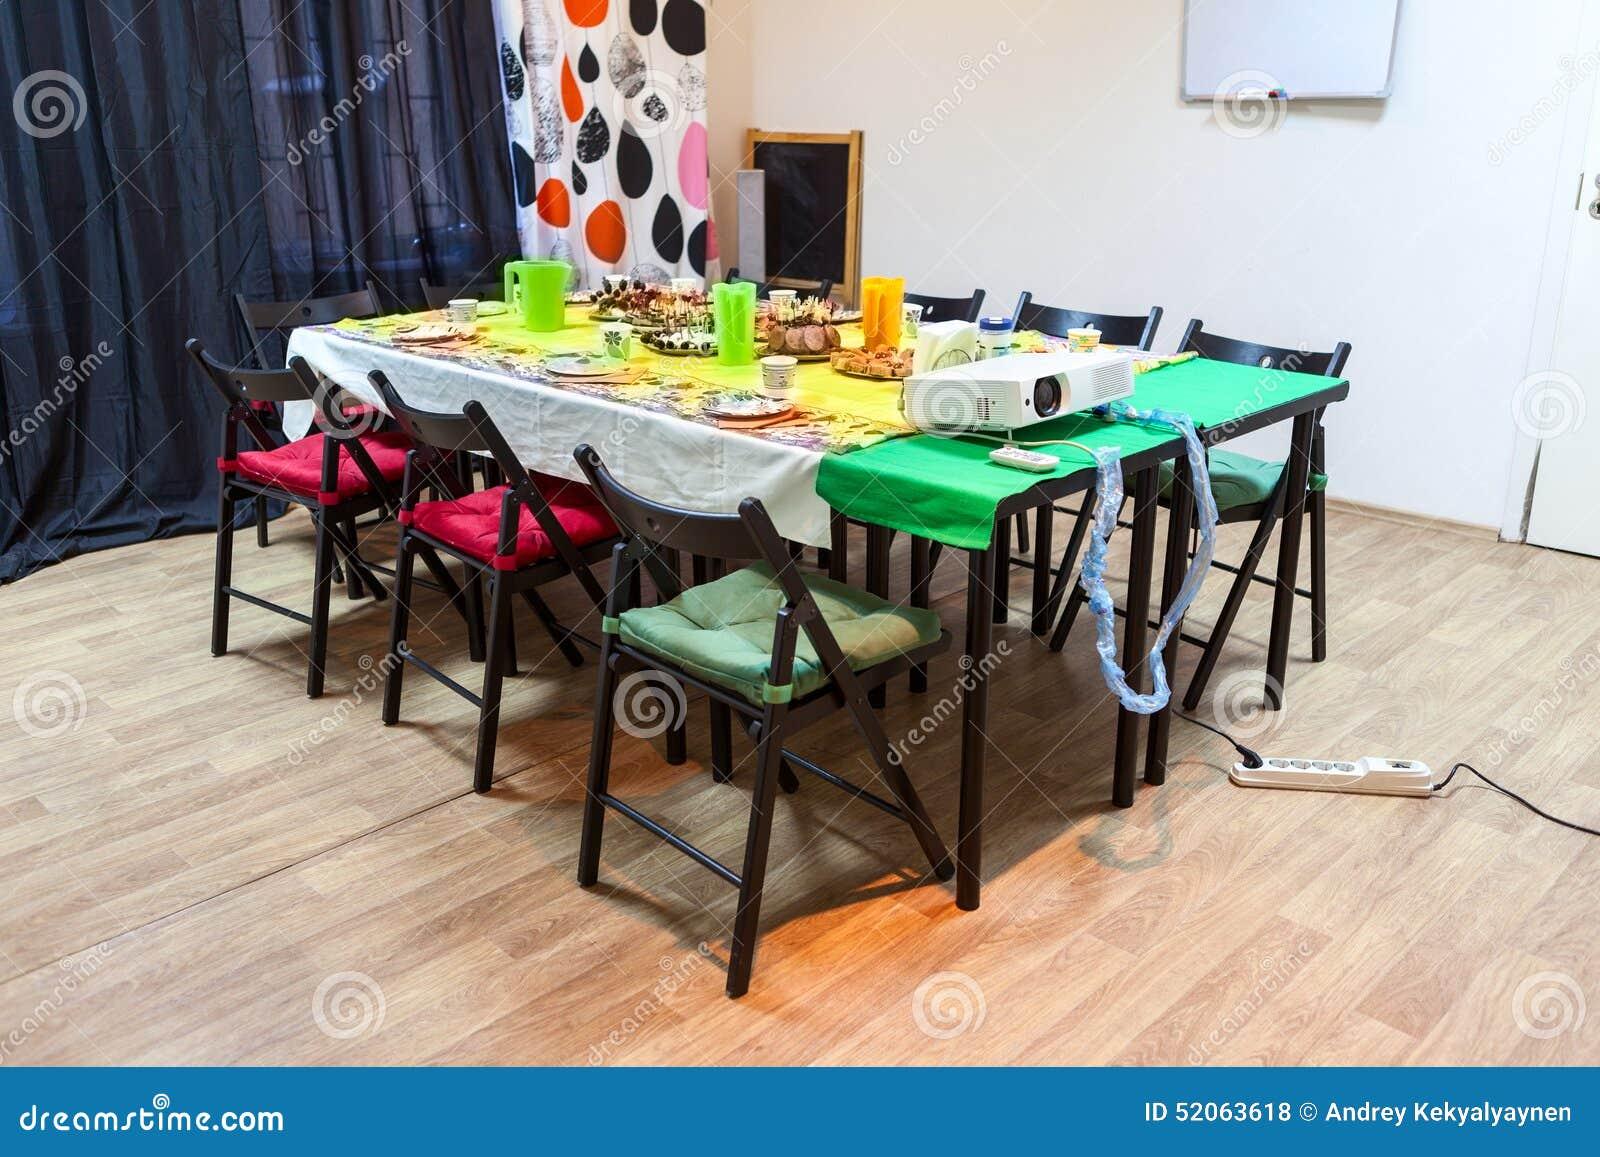 Pranzo Freddo Per Bambini : La tabella con gli spuntini del freddo nella sala celebrare un